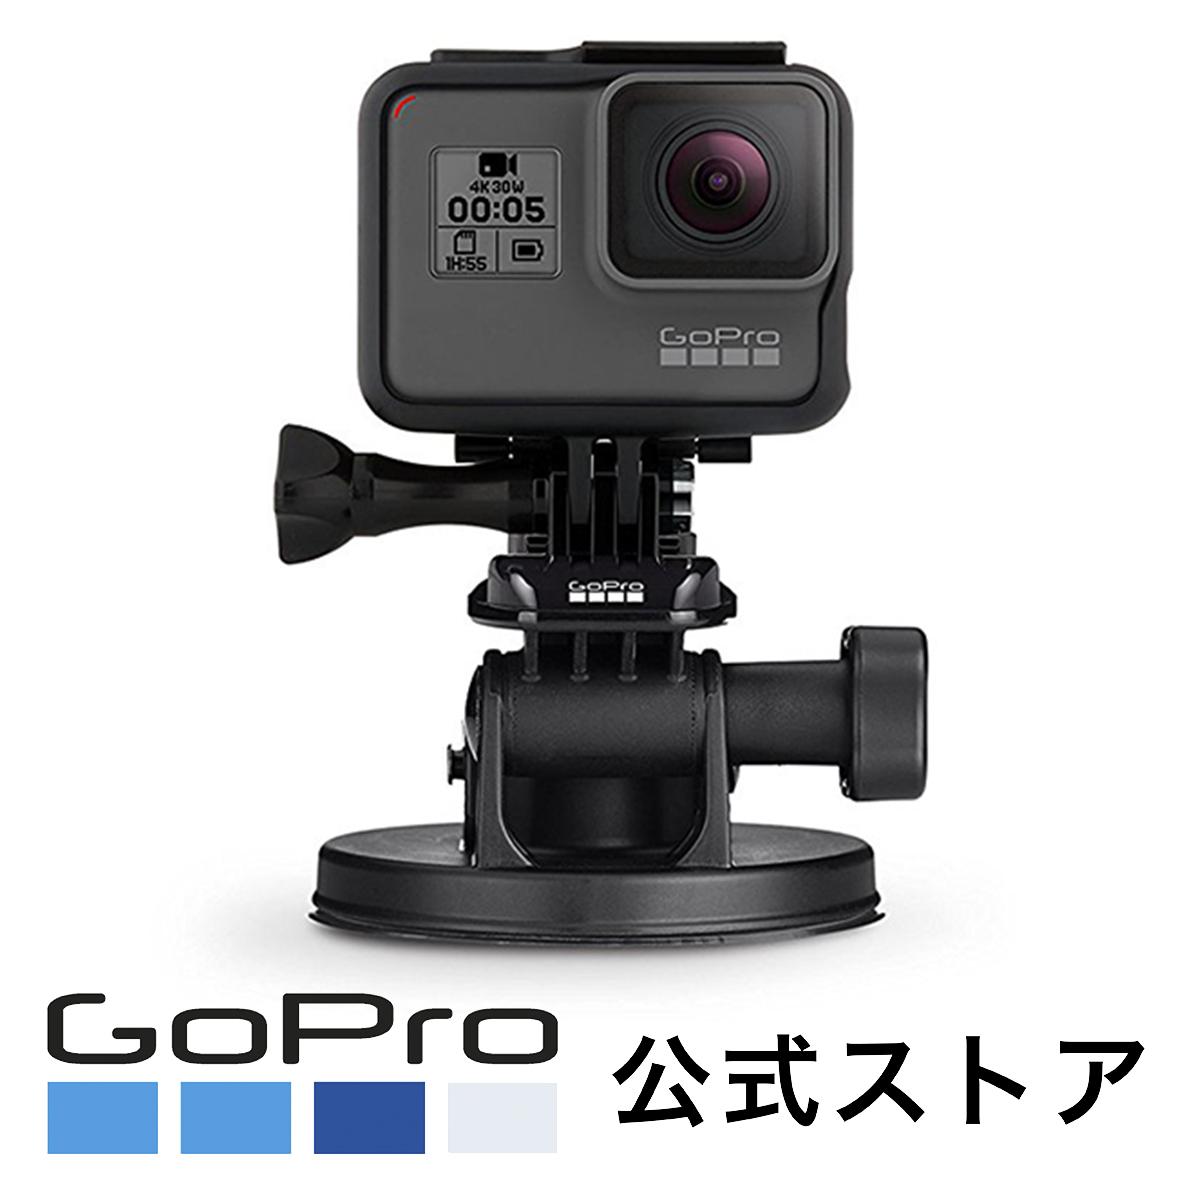 GoPro公式 ゴープロ サクションカップマウント AUCMT-302 国産品 国内正規品 本日の目玉